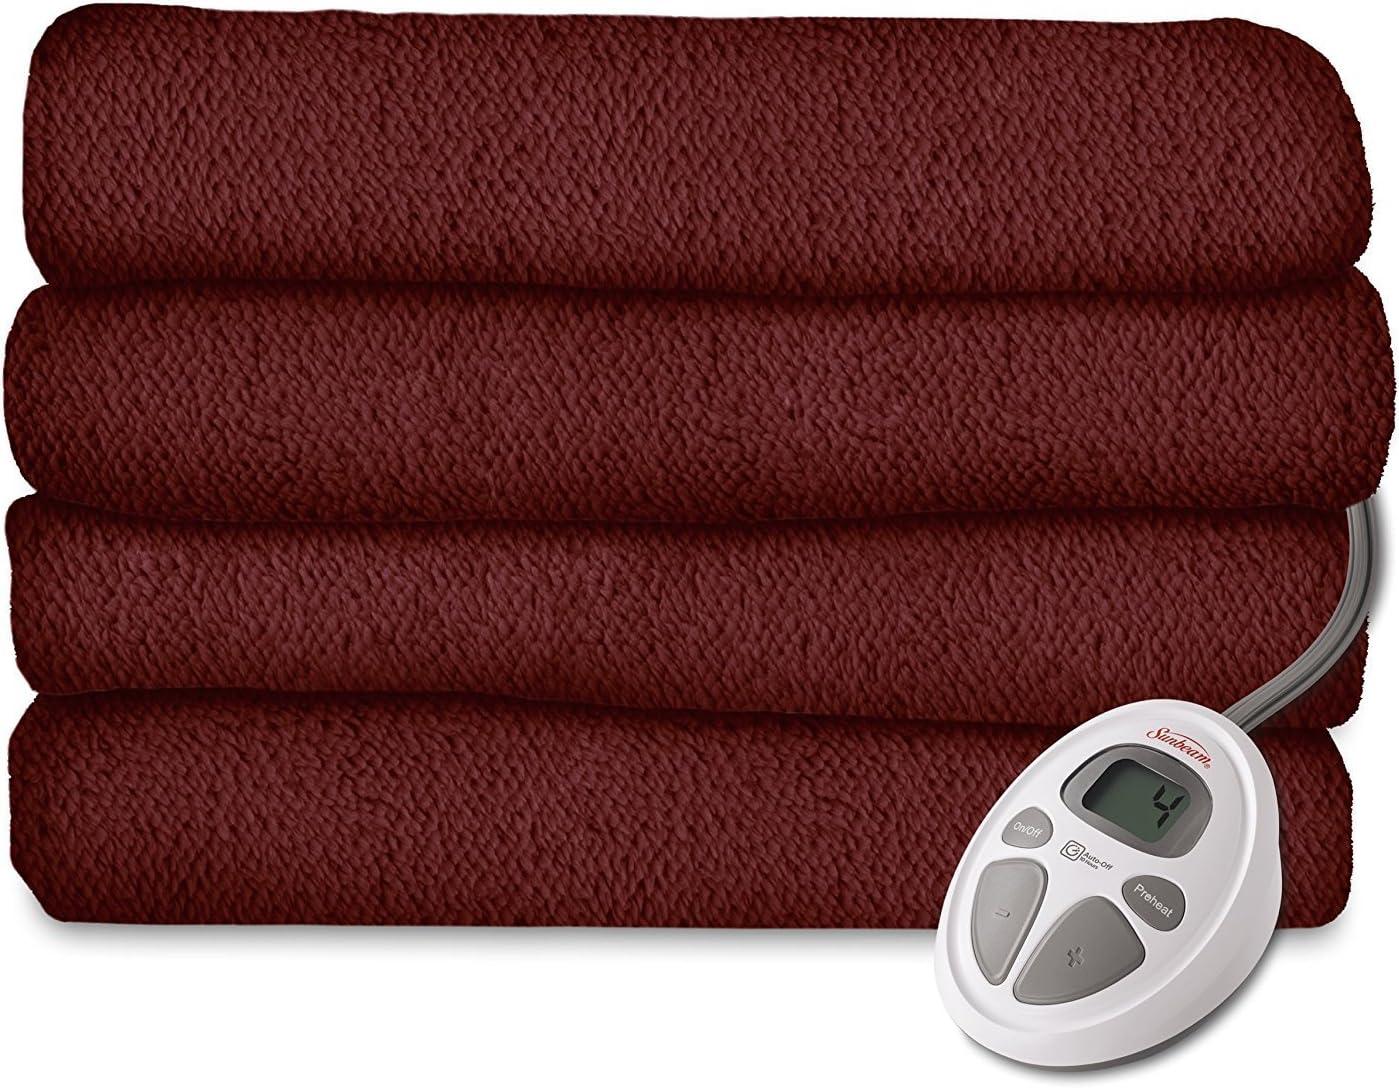 Sunbeam LoftTech Heated Blanket, King, Garnet